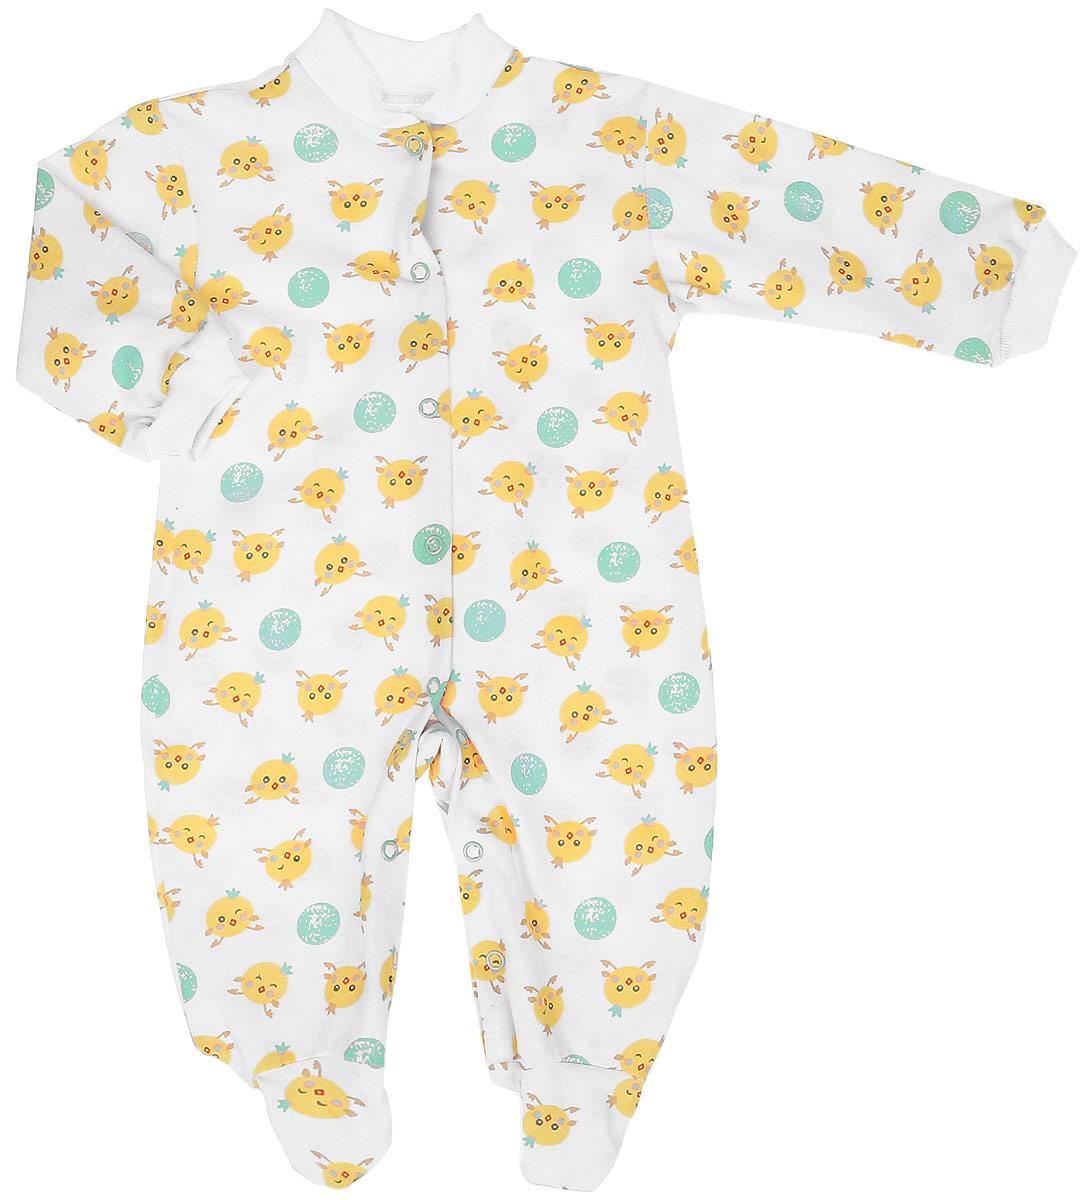 Комбинезон детский Чудесные одежки, цвет: белый, салатовый. 5801. Размер 745801Удобный детский комбинезон Чудесные одежки выполнен из натурального хлопка.Комбинезон с небольшим воротником-стойкой, длинными рукавами и закрытыми ножками имеет застежки-кнопки спереди и на ластовице, которые помогают легко переодеть младенца или сменить подгузник. Воротничок и манжеты на рукавах выполнены из трикотажной эластичной резинки. Изделие оформлено принтом с изображением цыплят.